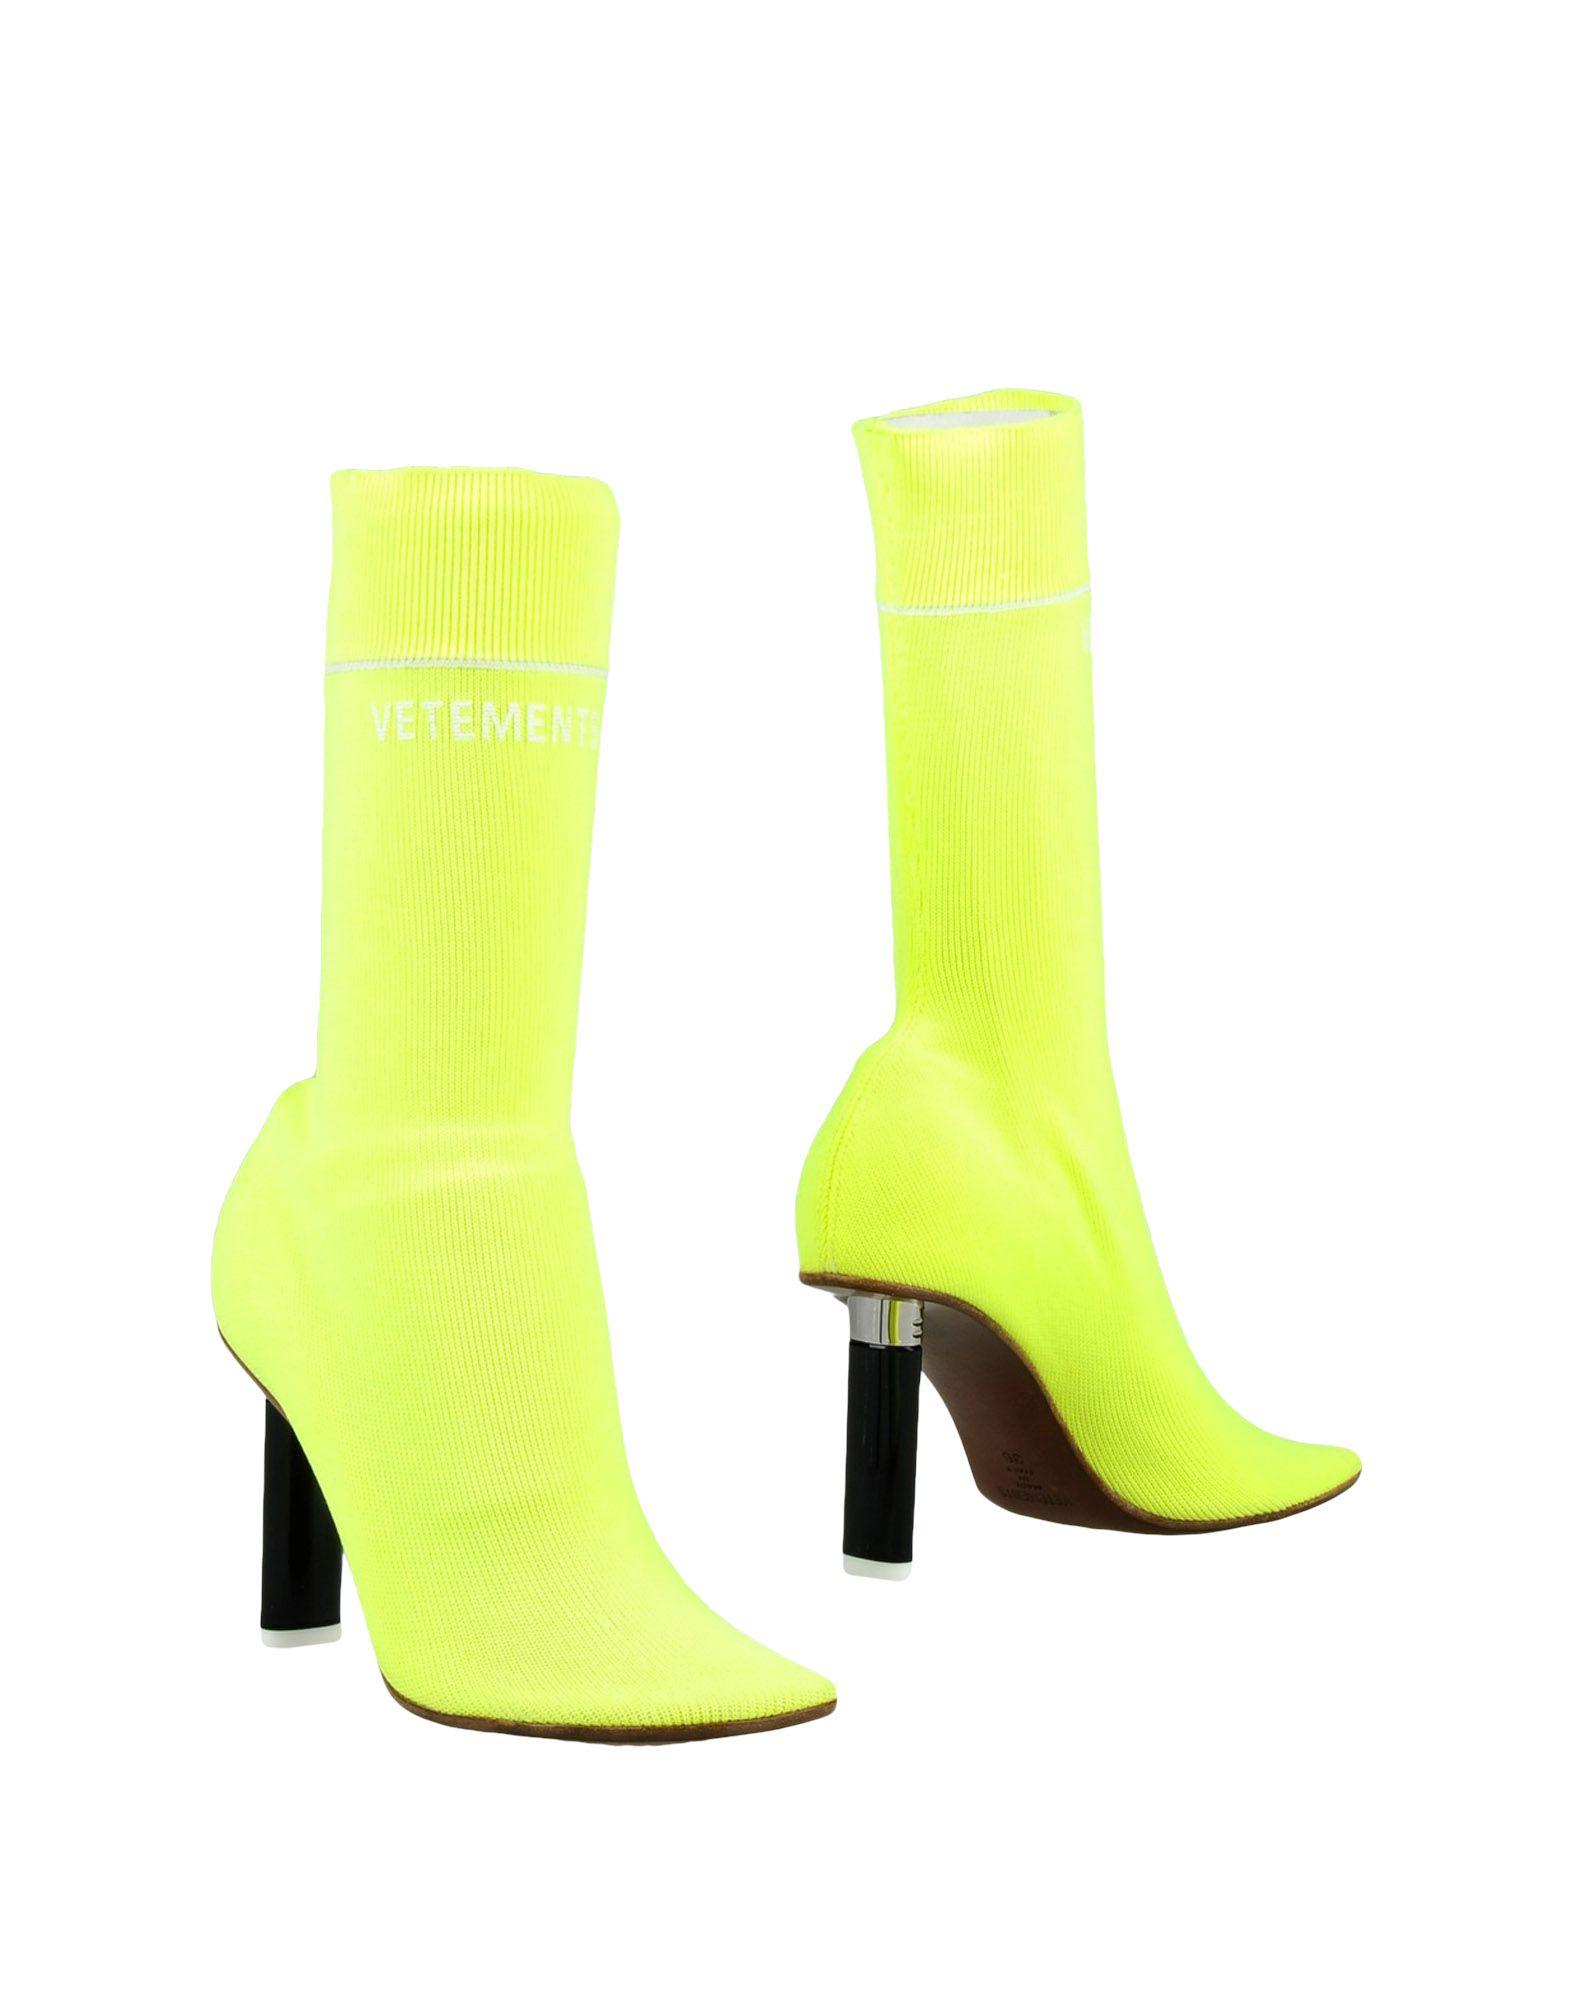 Demna  Gvasalia Stiefelette Damen  Demna 11402471ERGünstige gut aussehende Schuhe 1c3860